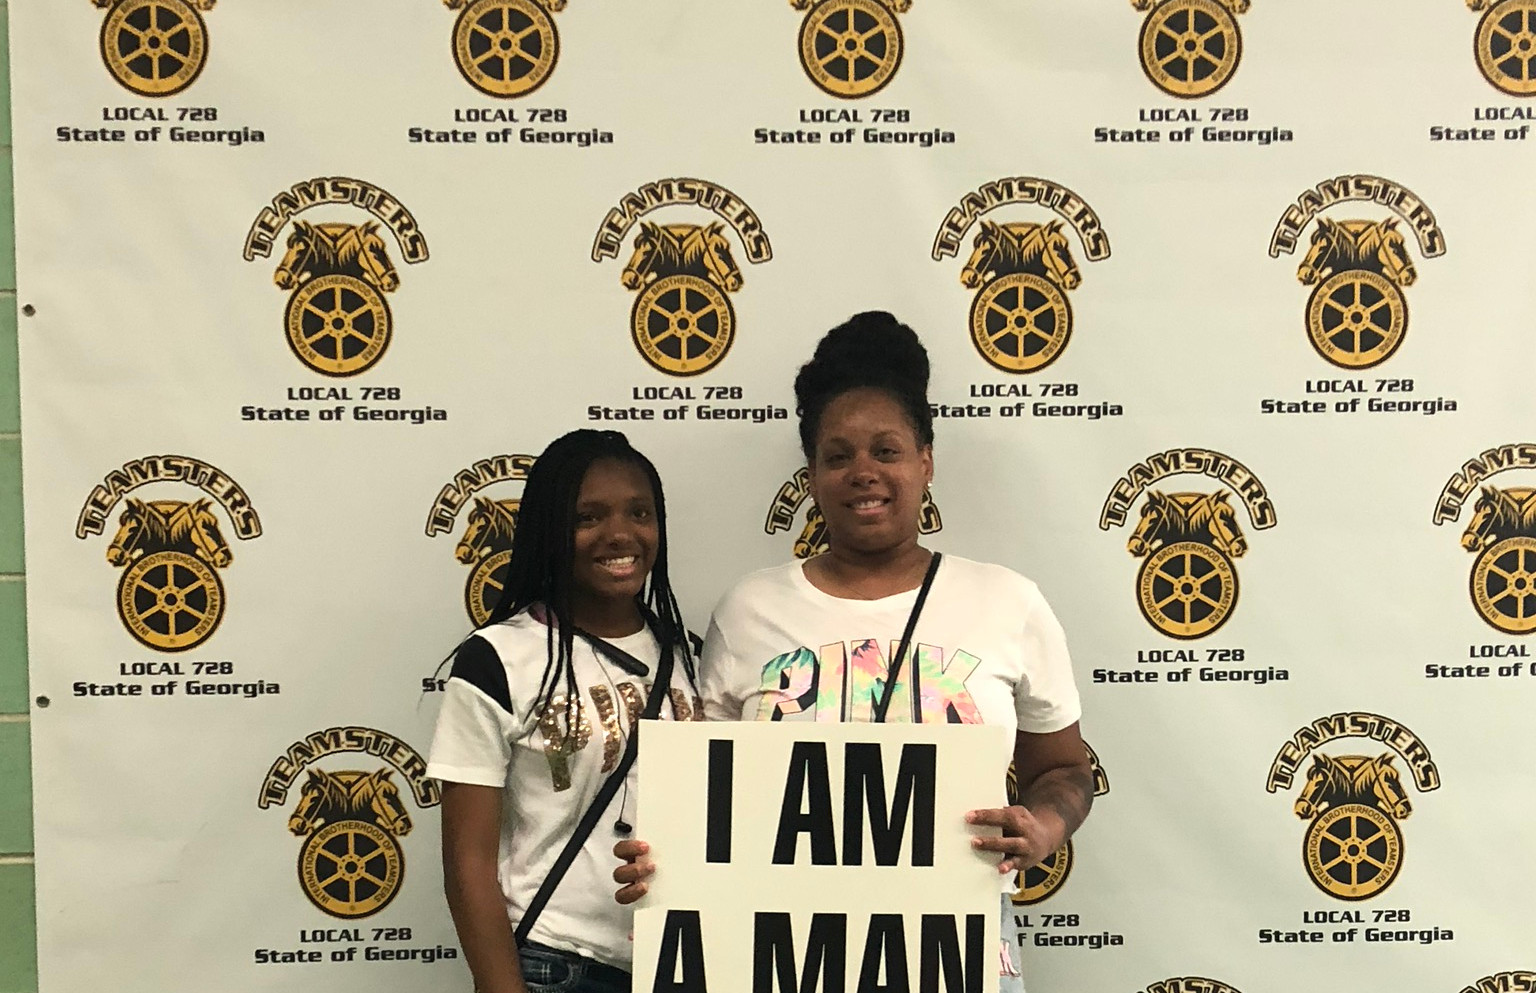 At the Teamster Local 728 Hall - Atlanta